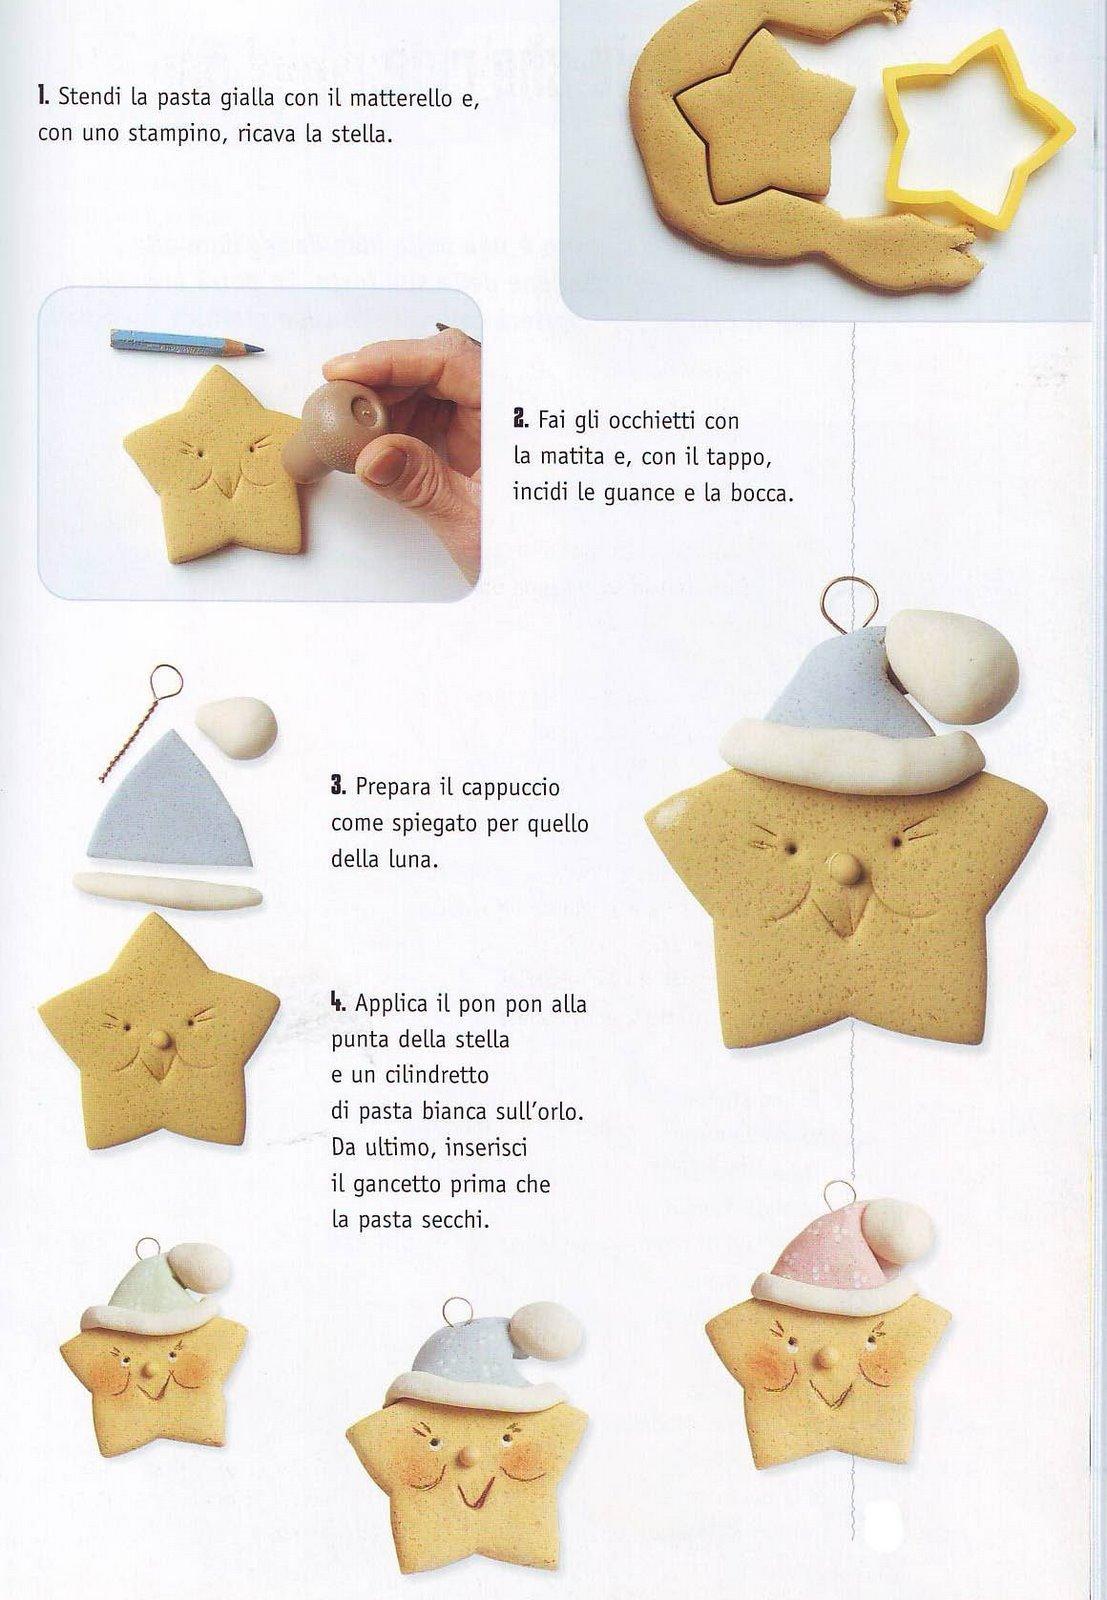 Segnaposto Natalizi Pasta Di Sale.Decorazioni Di Natale In Pasta Di Sale Cartoline Net